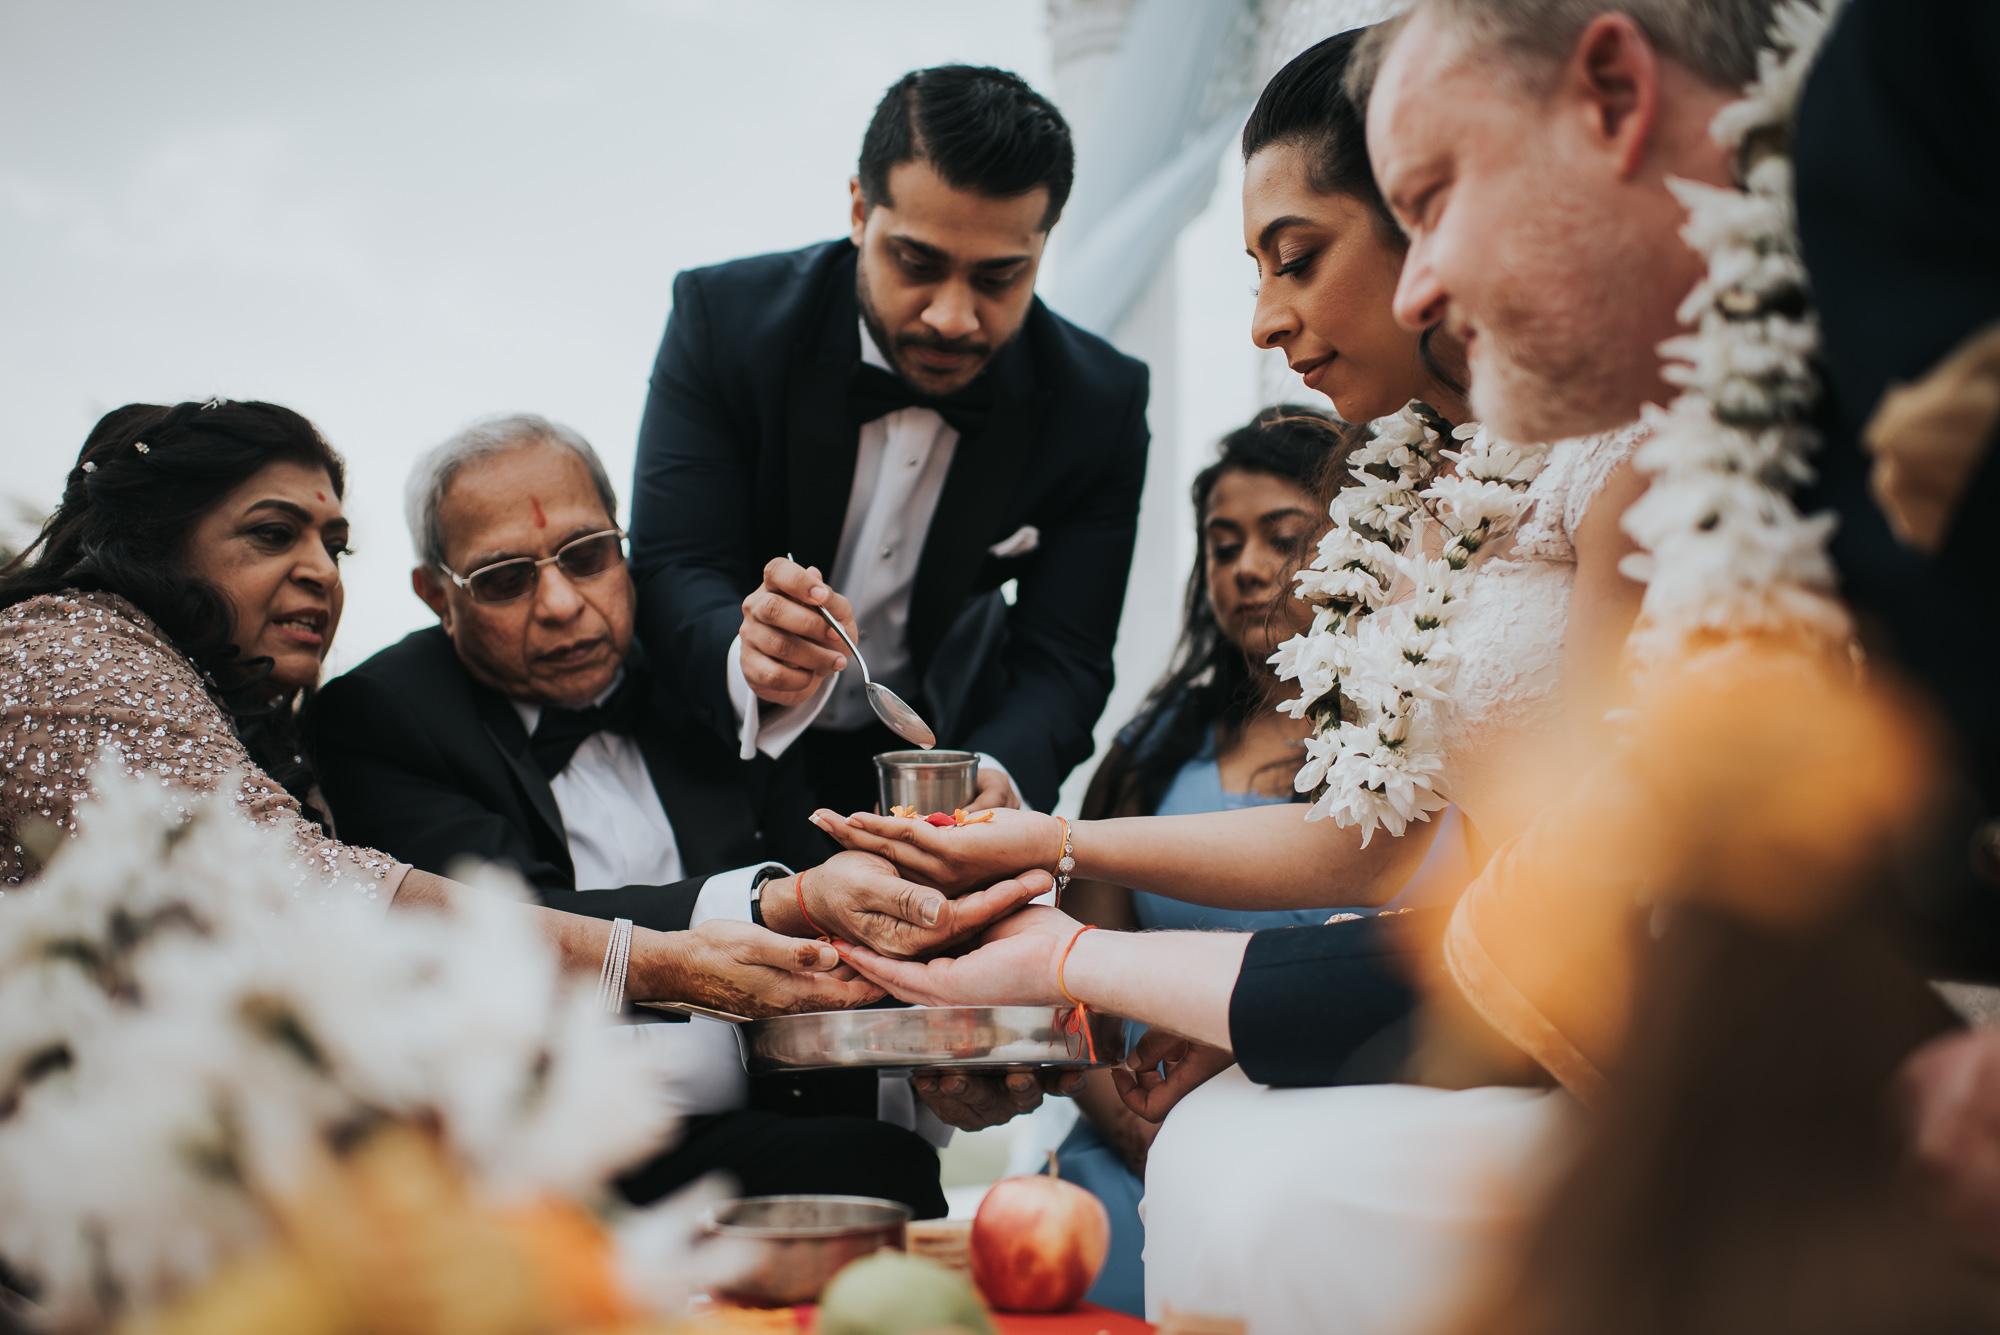 madinat jumeirah dubai wedding photographer  destination wedding photography (16 of 52).jpg